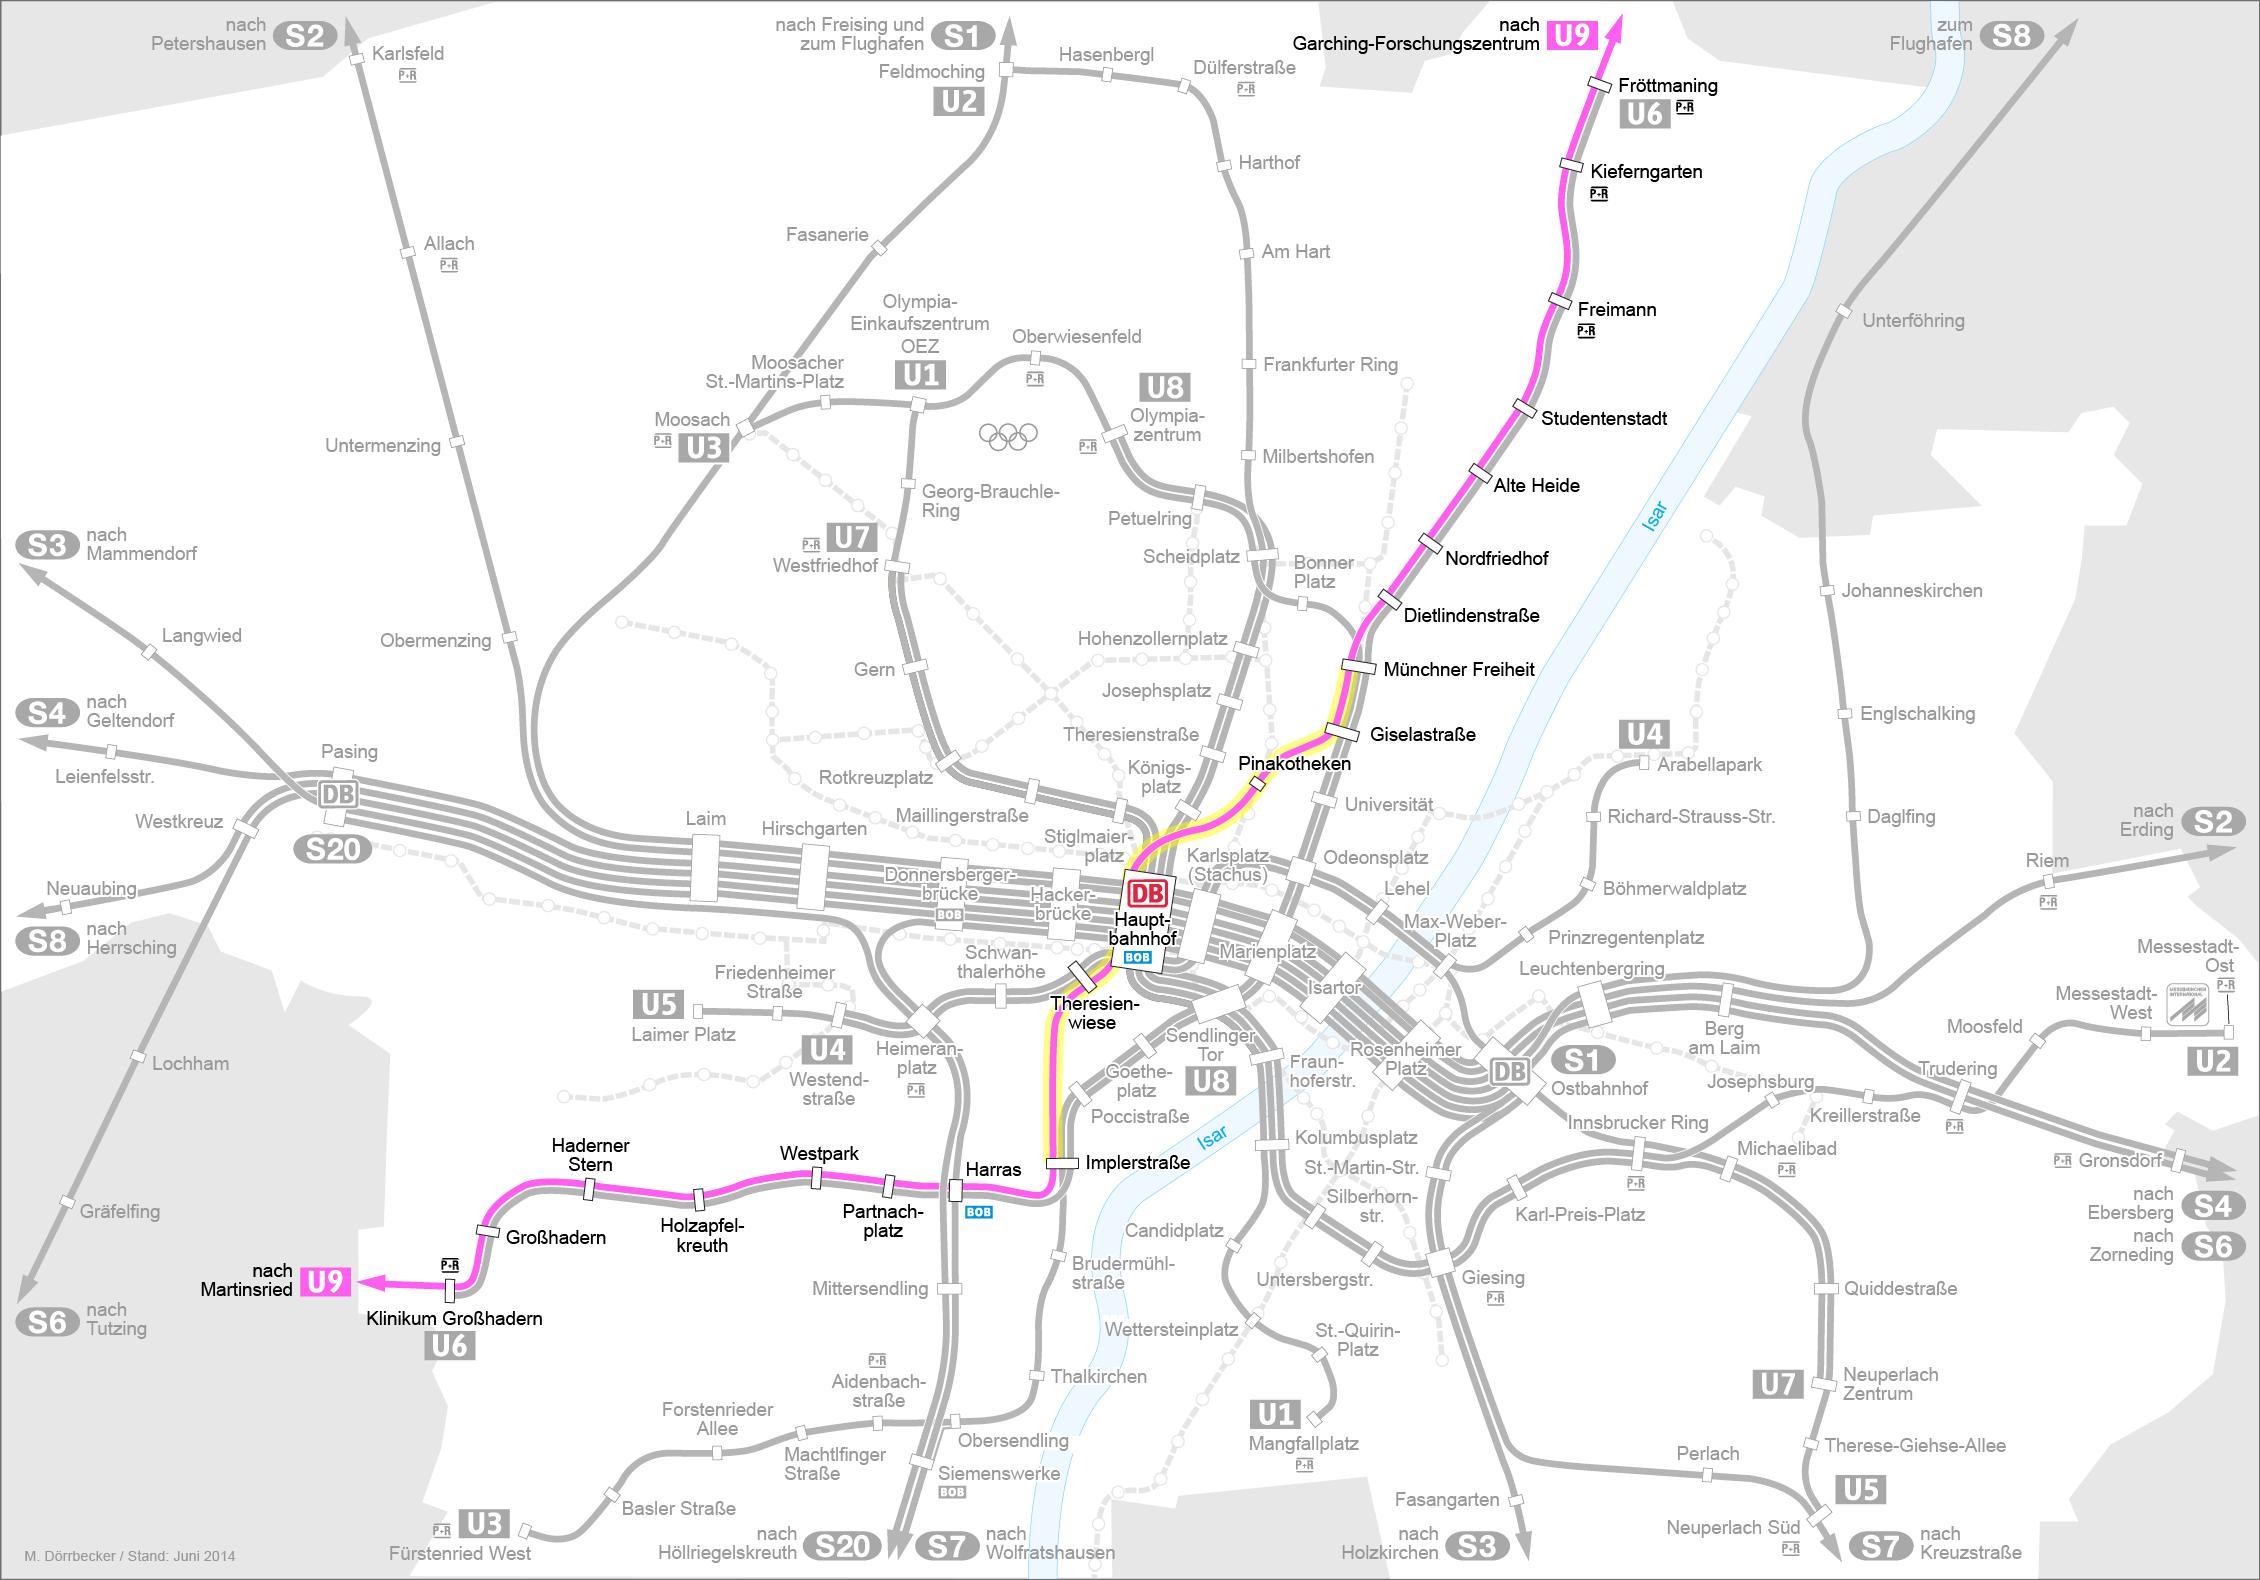 u bahn karte münchen File:Karte der geplanten U9 Spange der U Bahn München.png   Wikipedia u bahn karte münchen